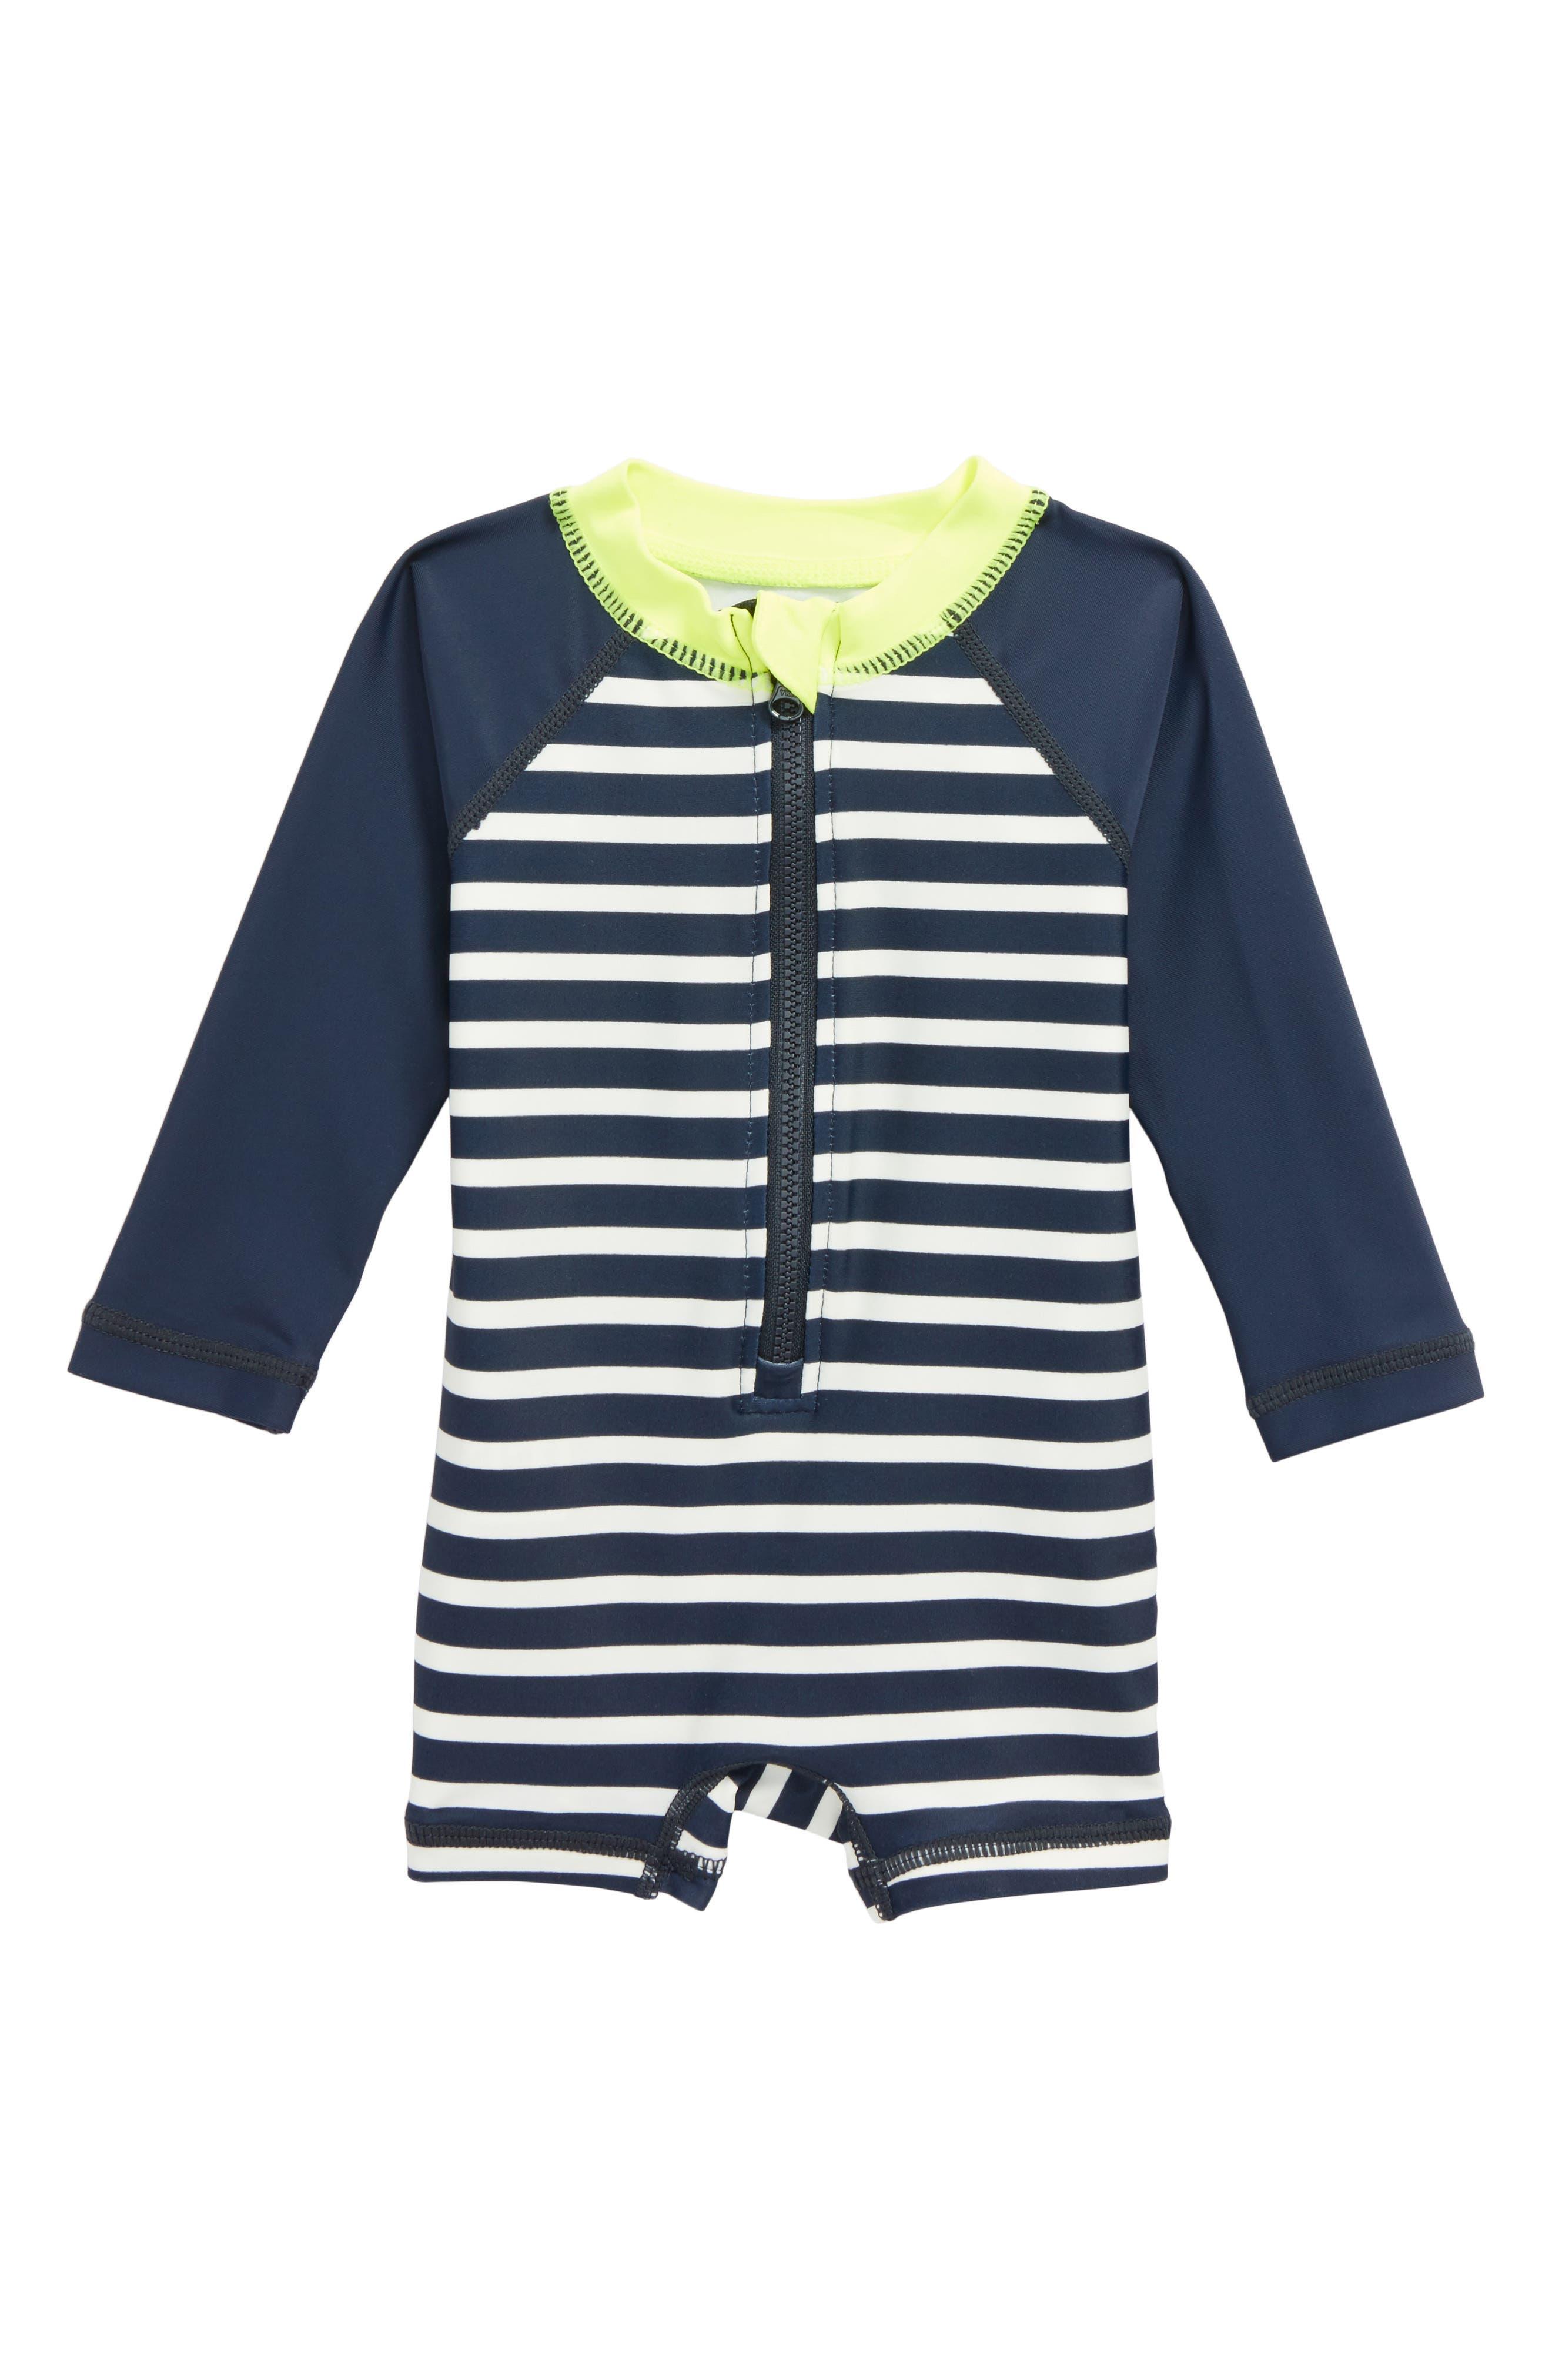 Stripe One-Piece Rashguard Swimsuit,                         Main,                         color, Indigo 2-Color Stripe